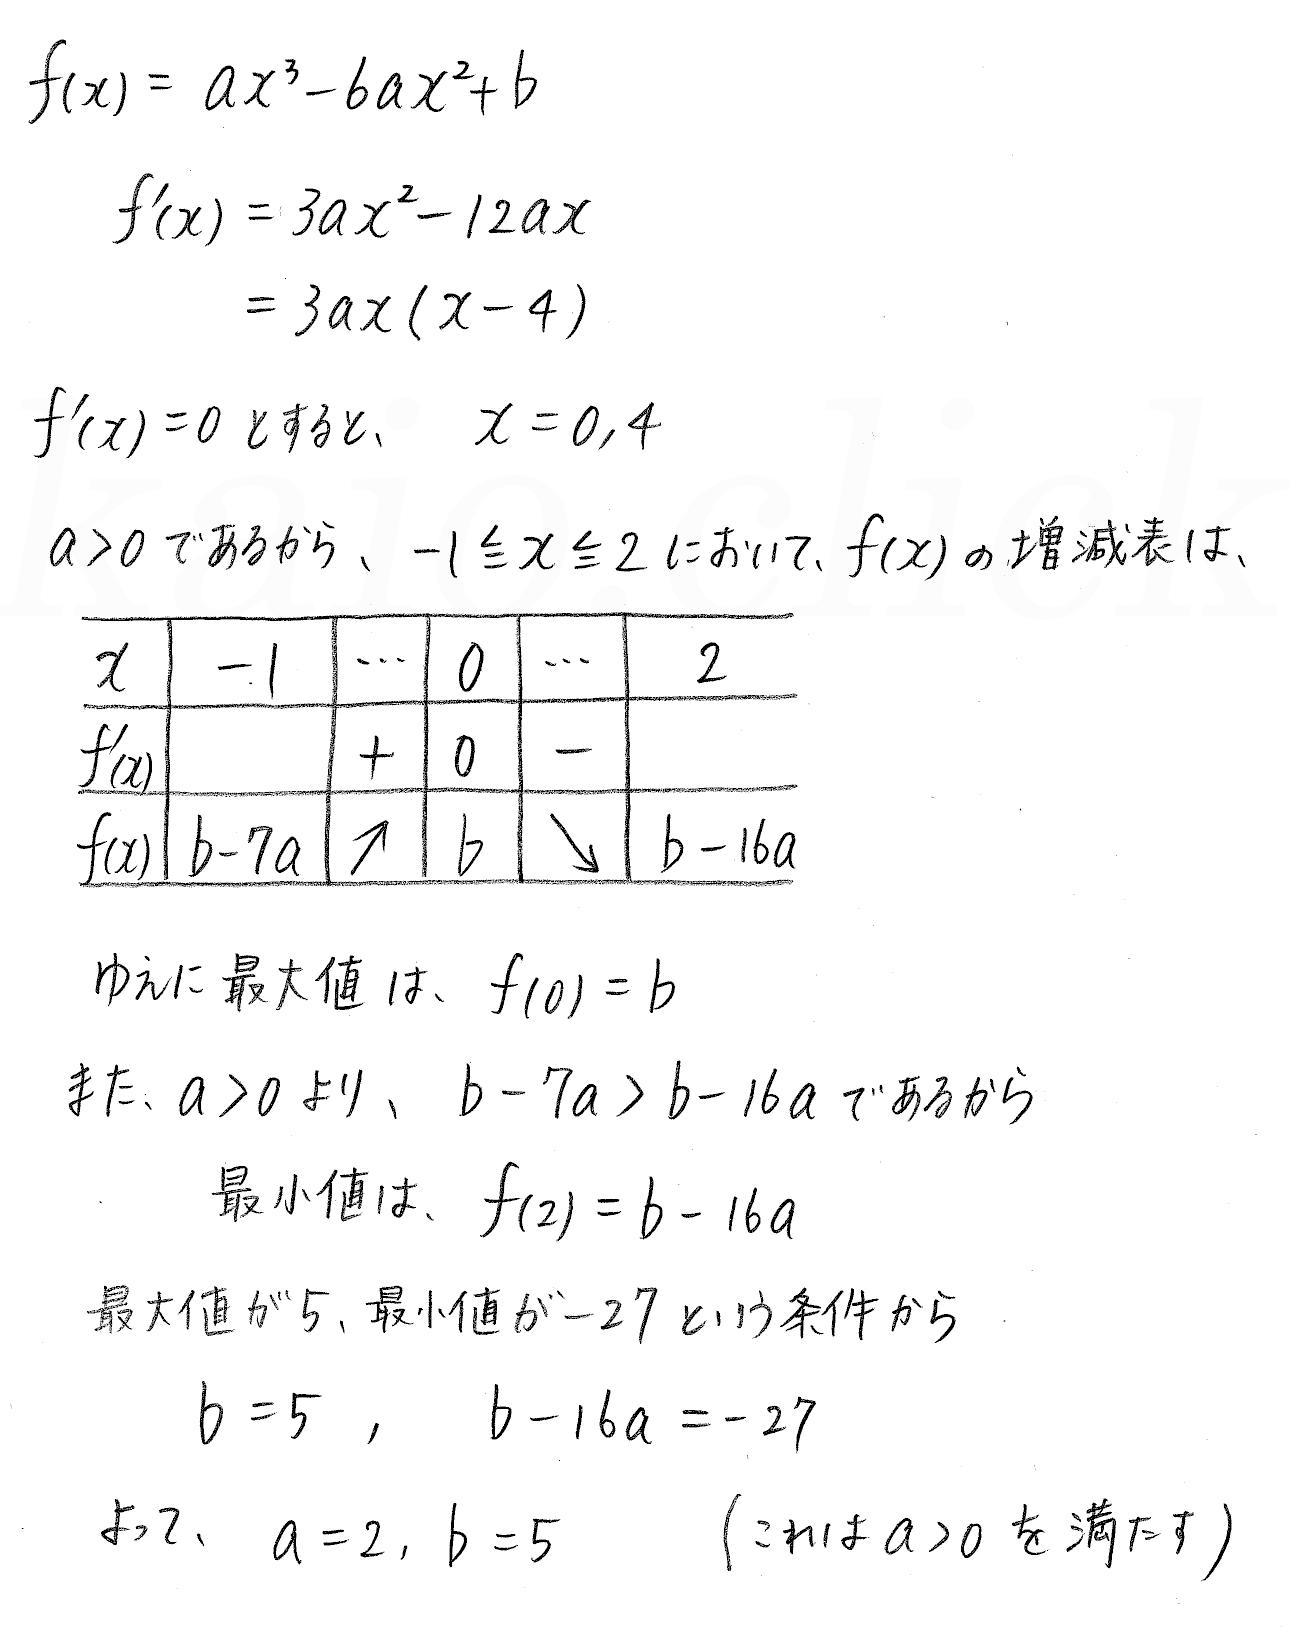 クリアー数学2-433解答